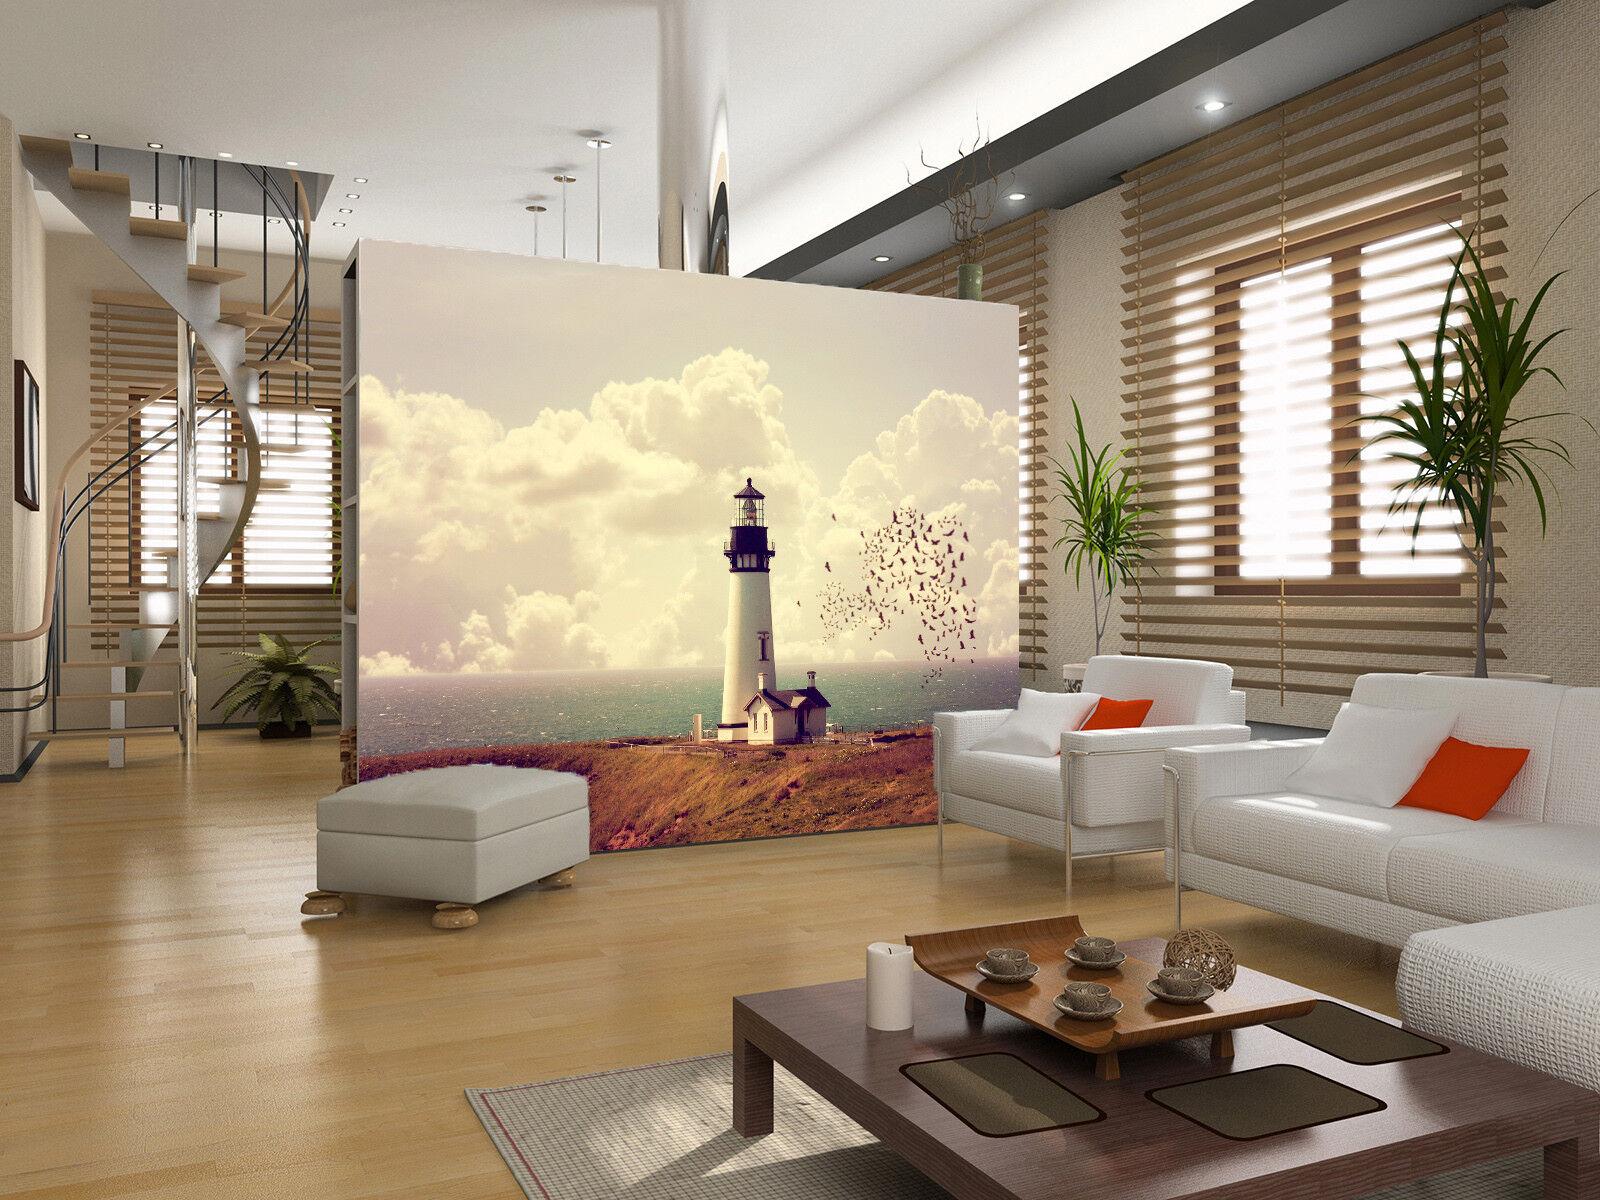 3D Clouds Lighthouse 7 Wall Paper Murals Wall Print Wall Wallpaper Mural AU Kyra